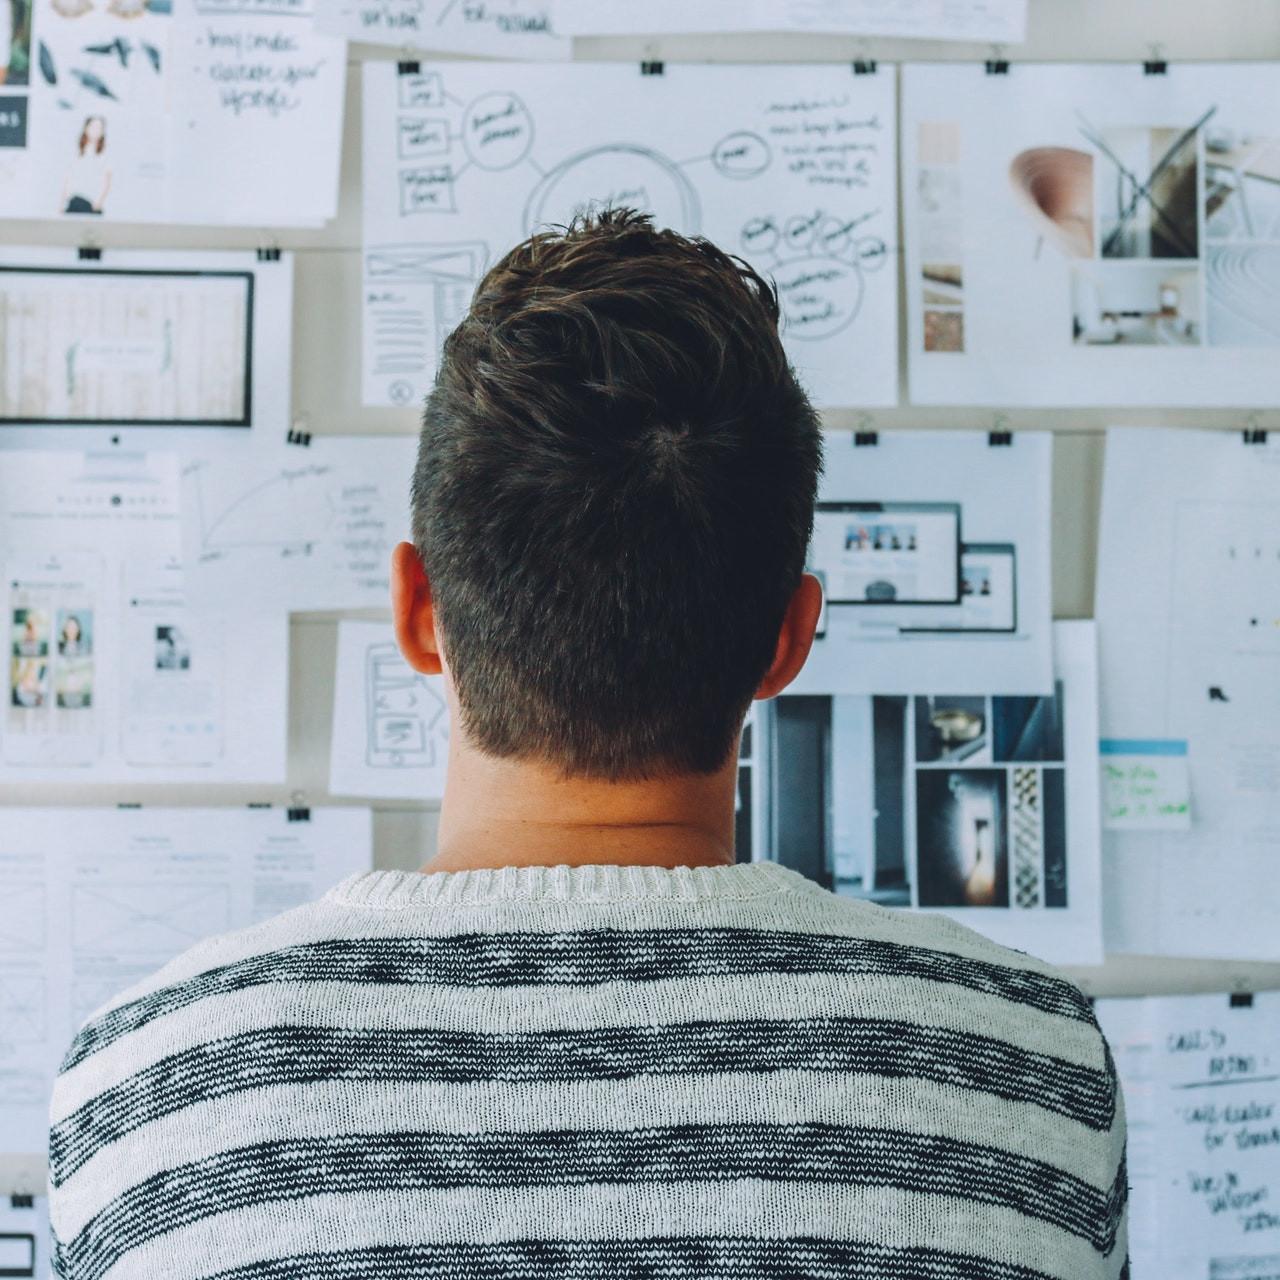 innovation planning